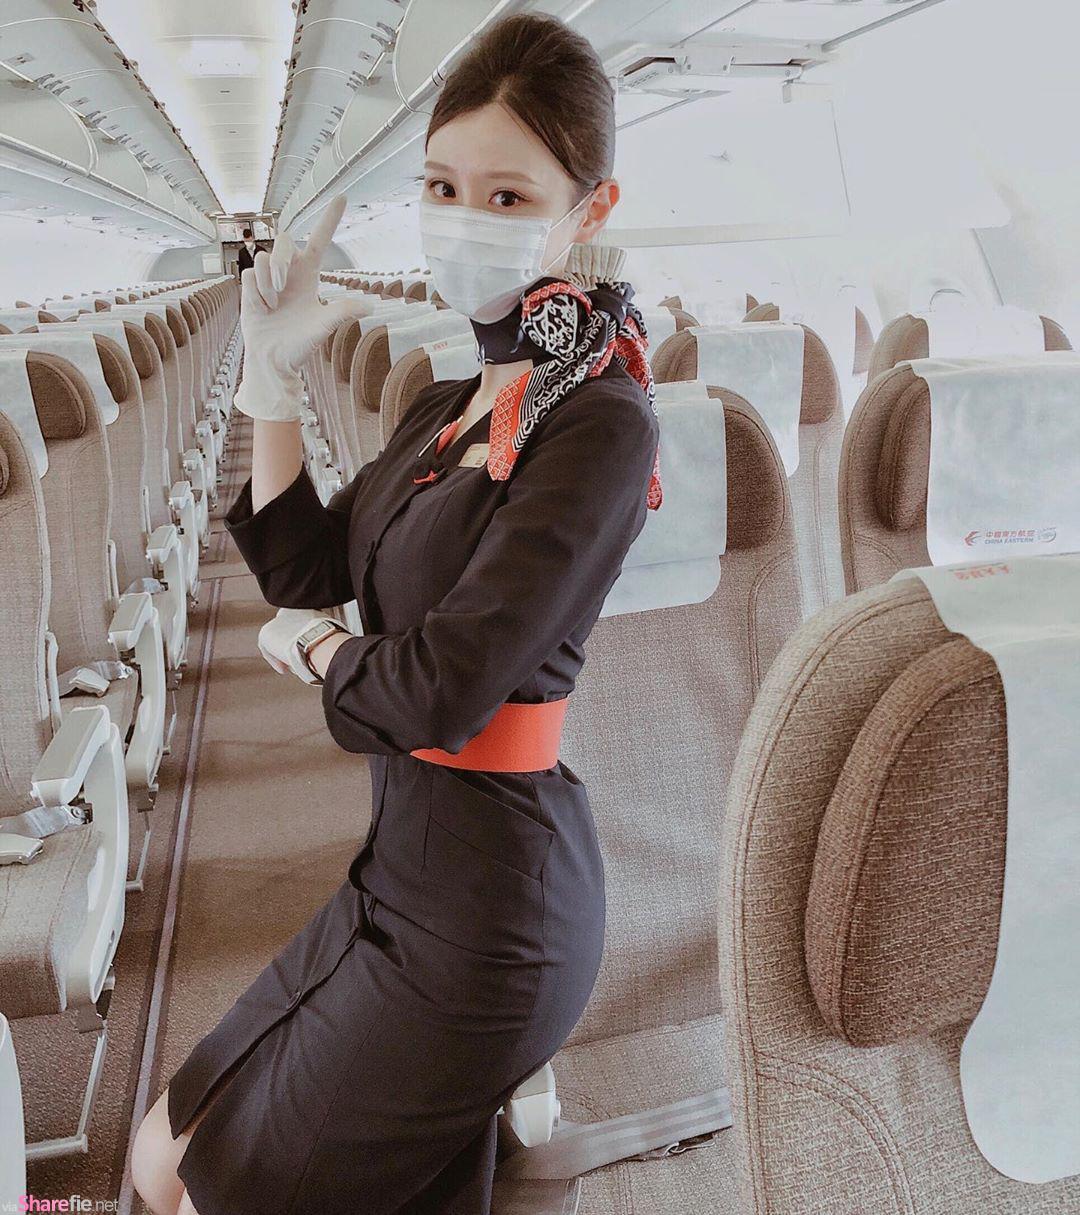 台湾正妹空姐Akey Chan颜值甜美,卸下制服更迷人